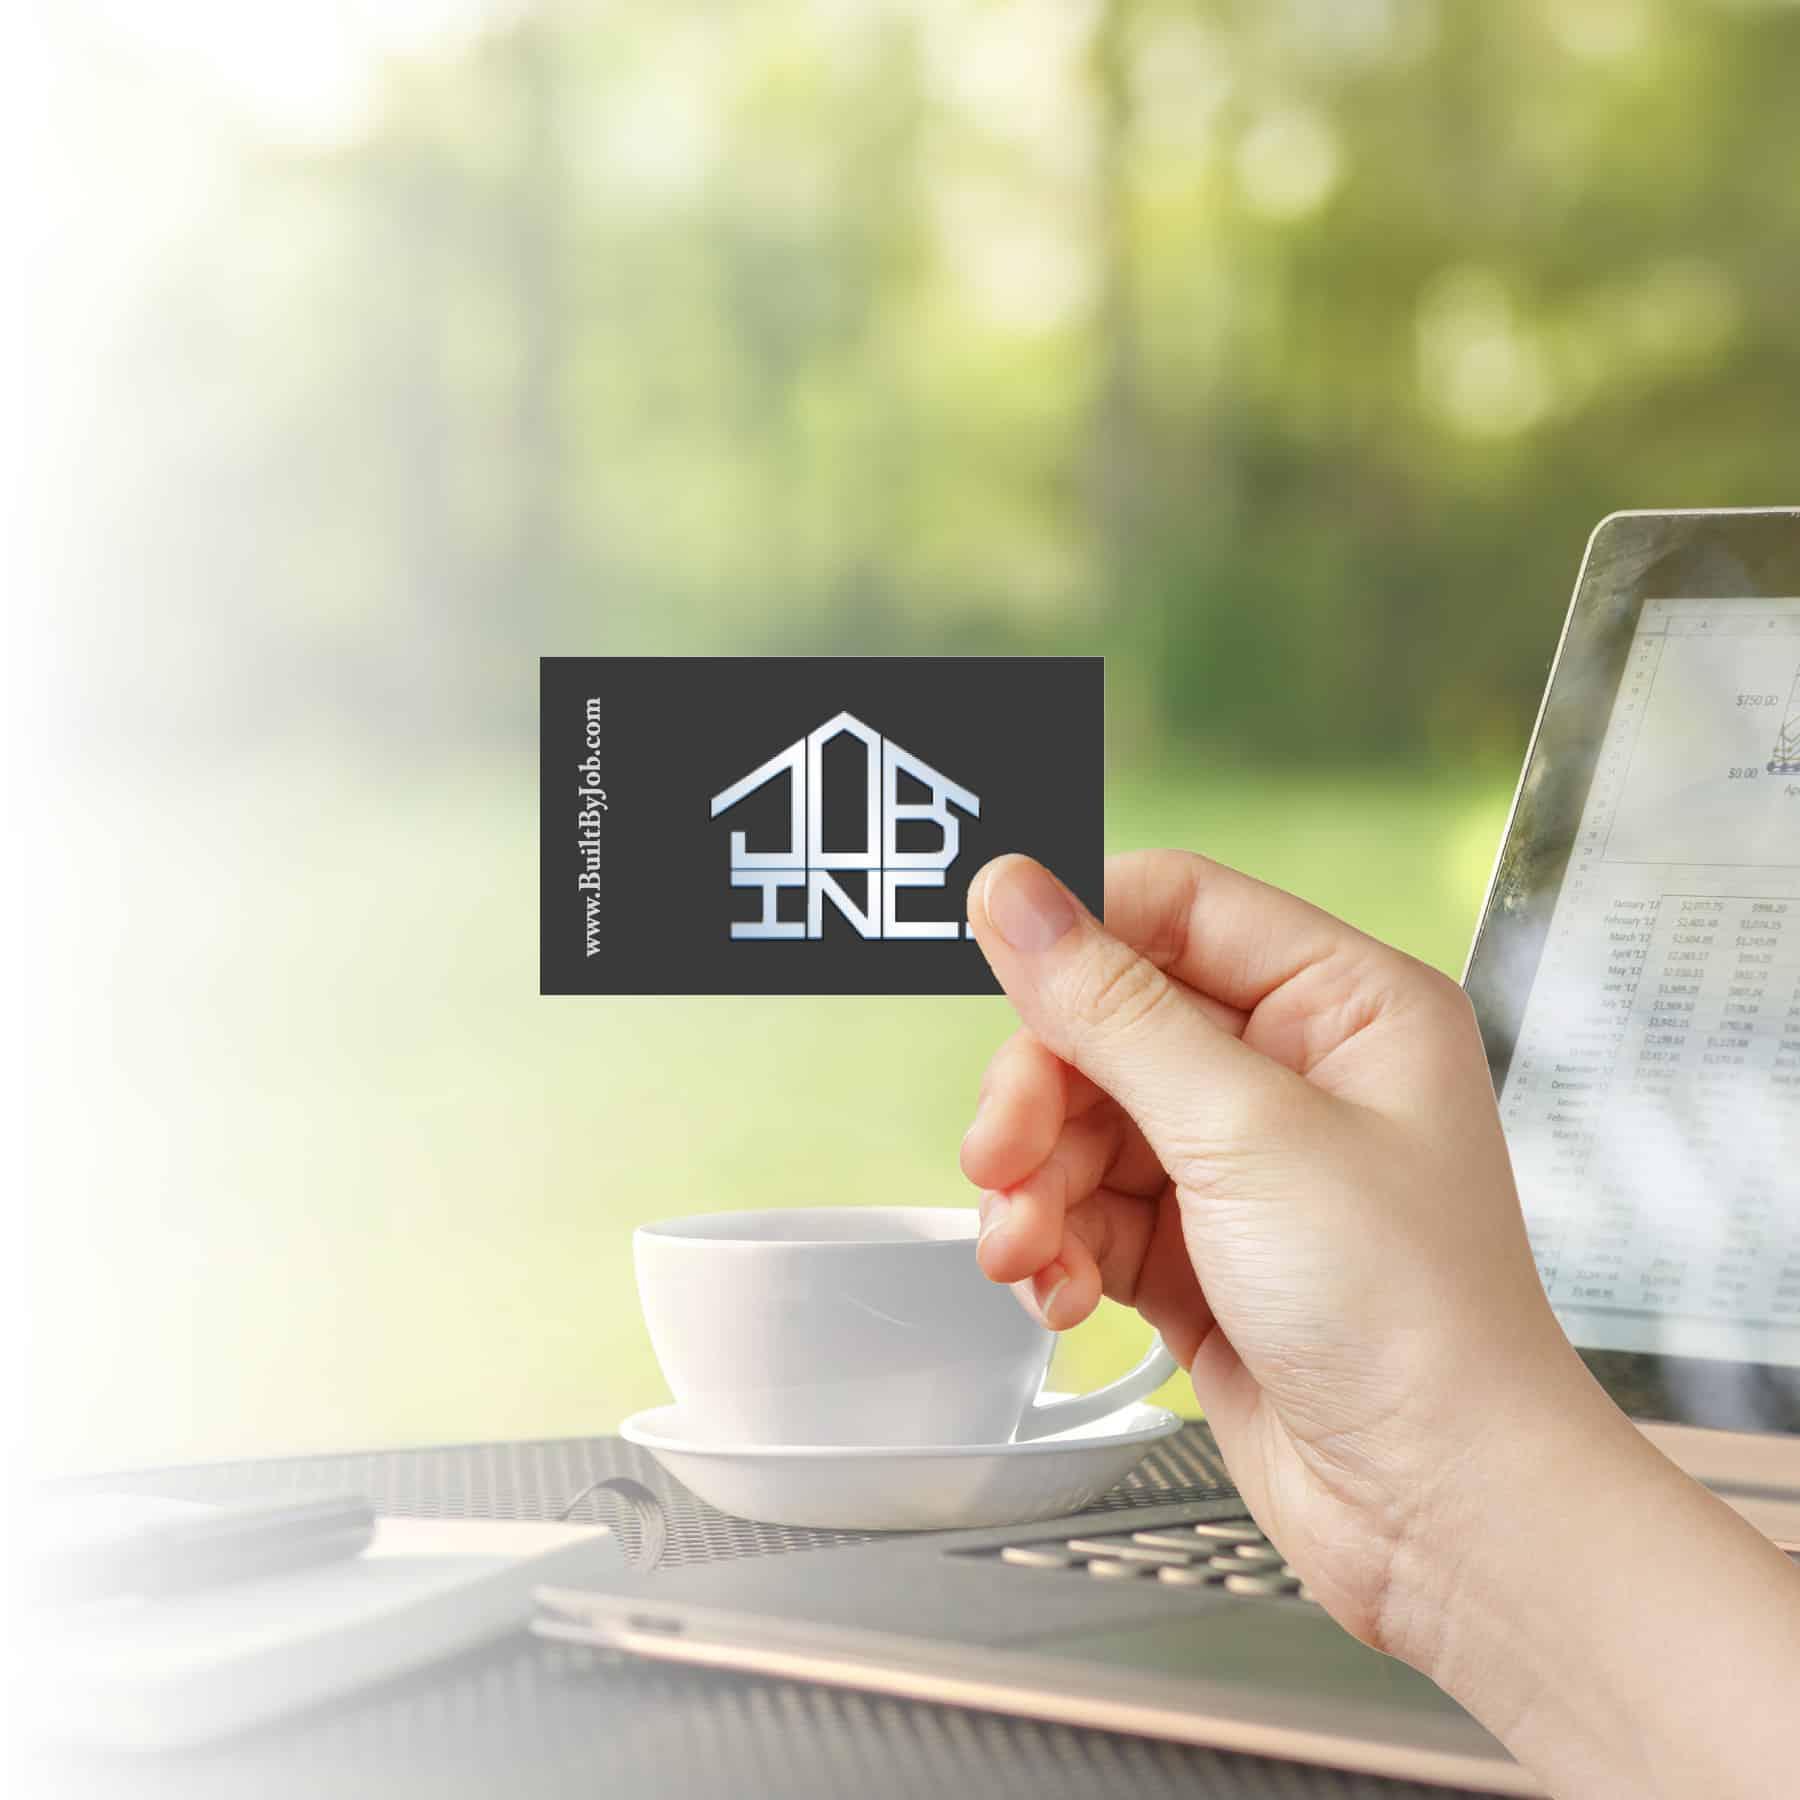 ORDER STANDARD BUSINESS CARDS